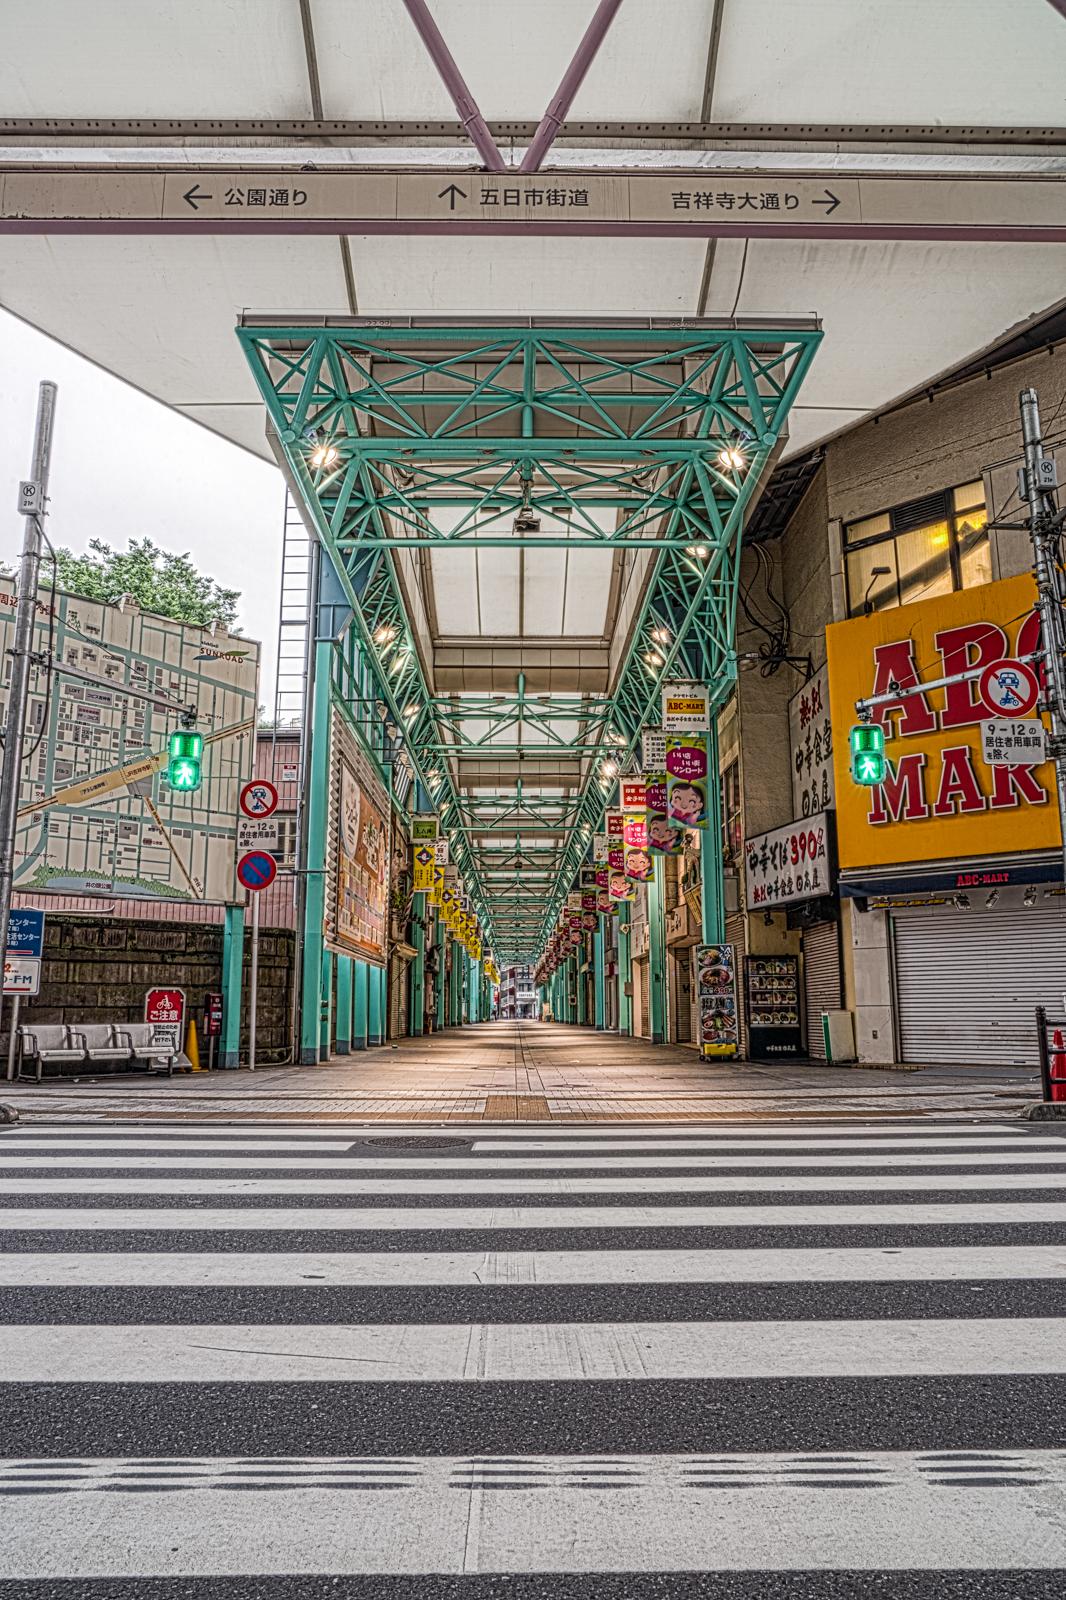 吉祥寺駅、サンロード商店街 HDR